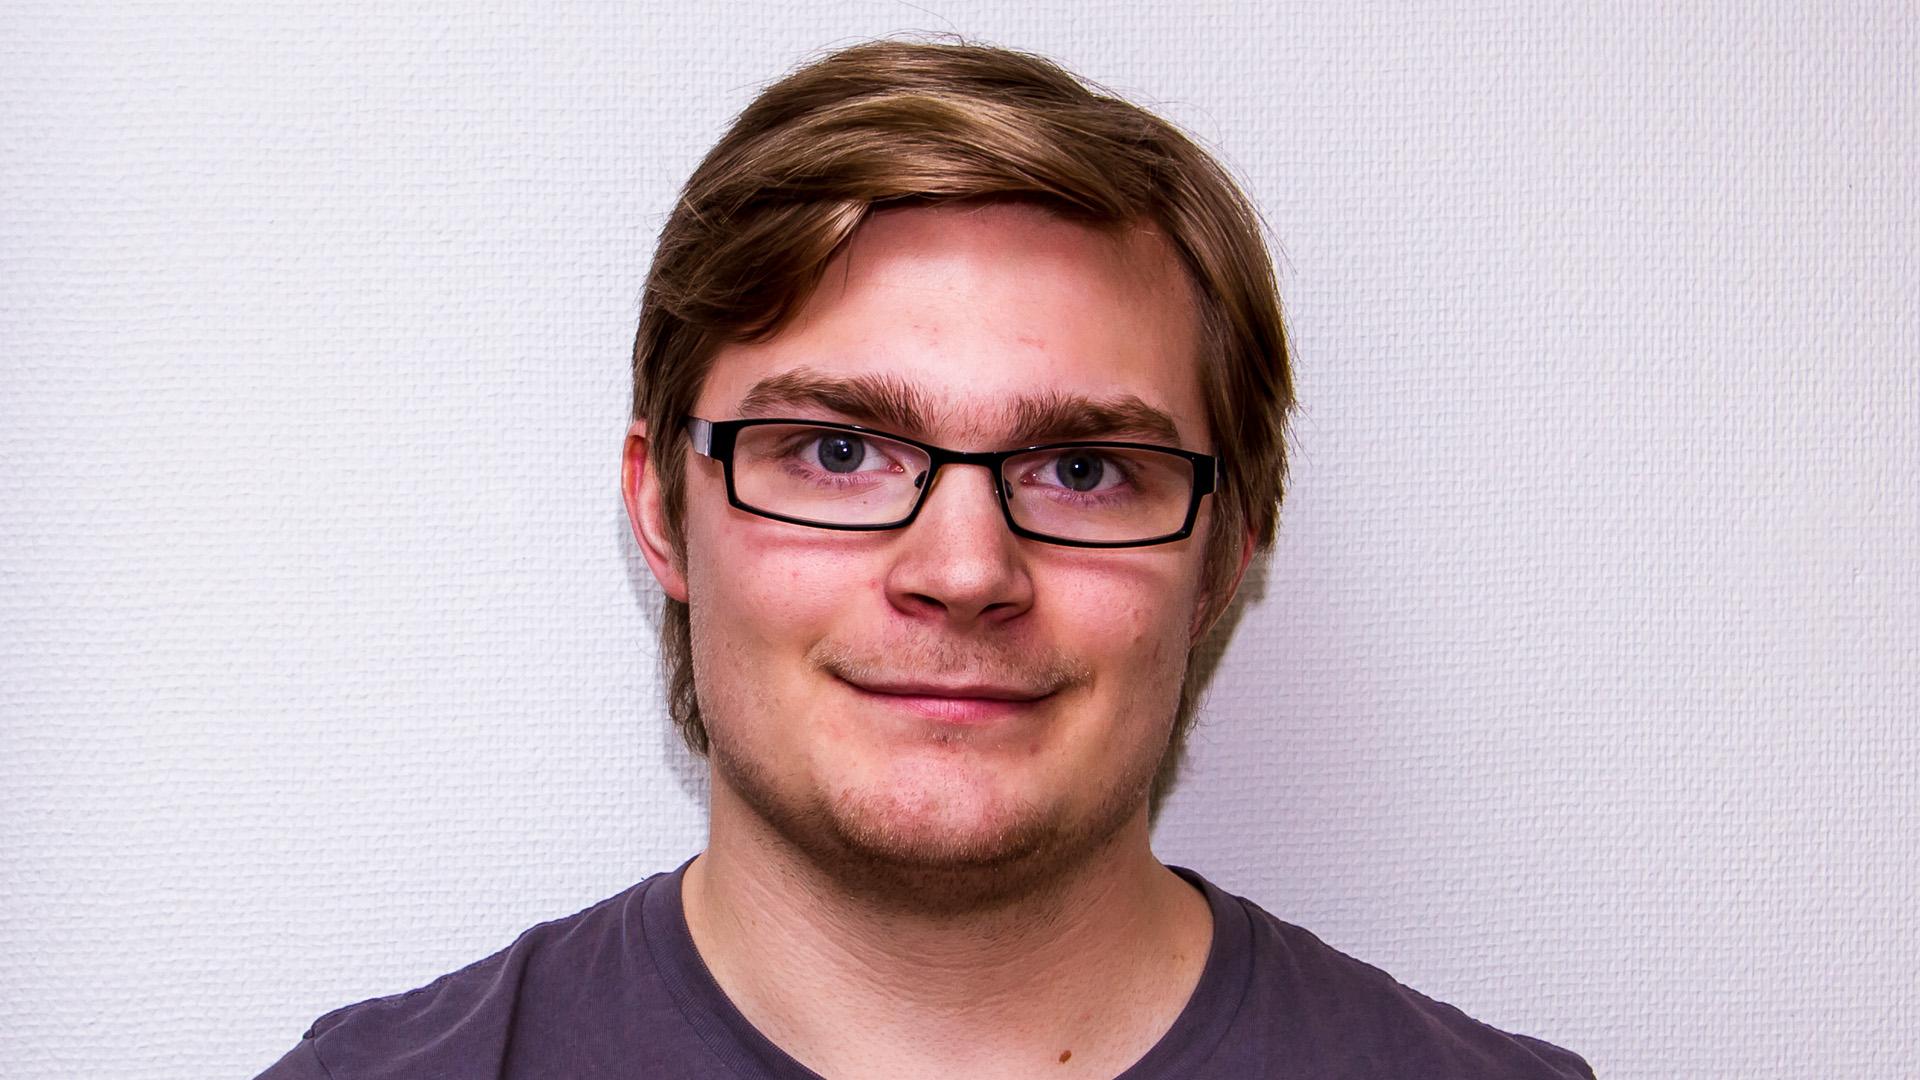 Simon Helmerson